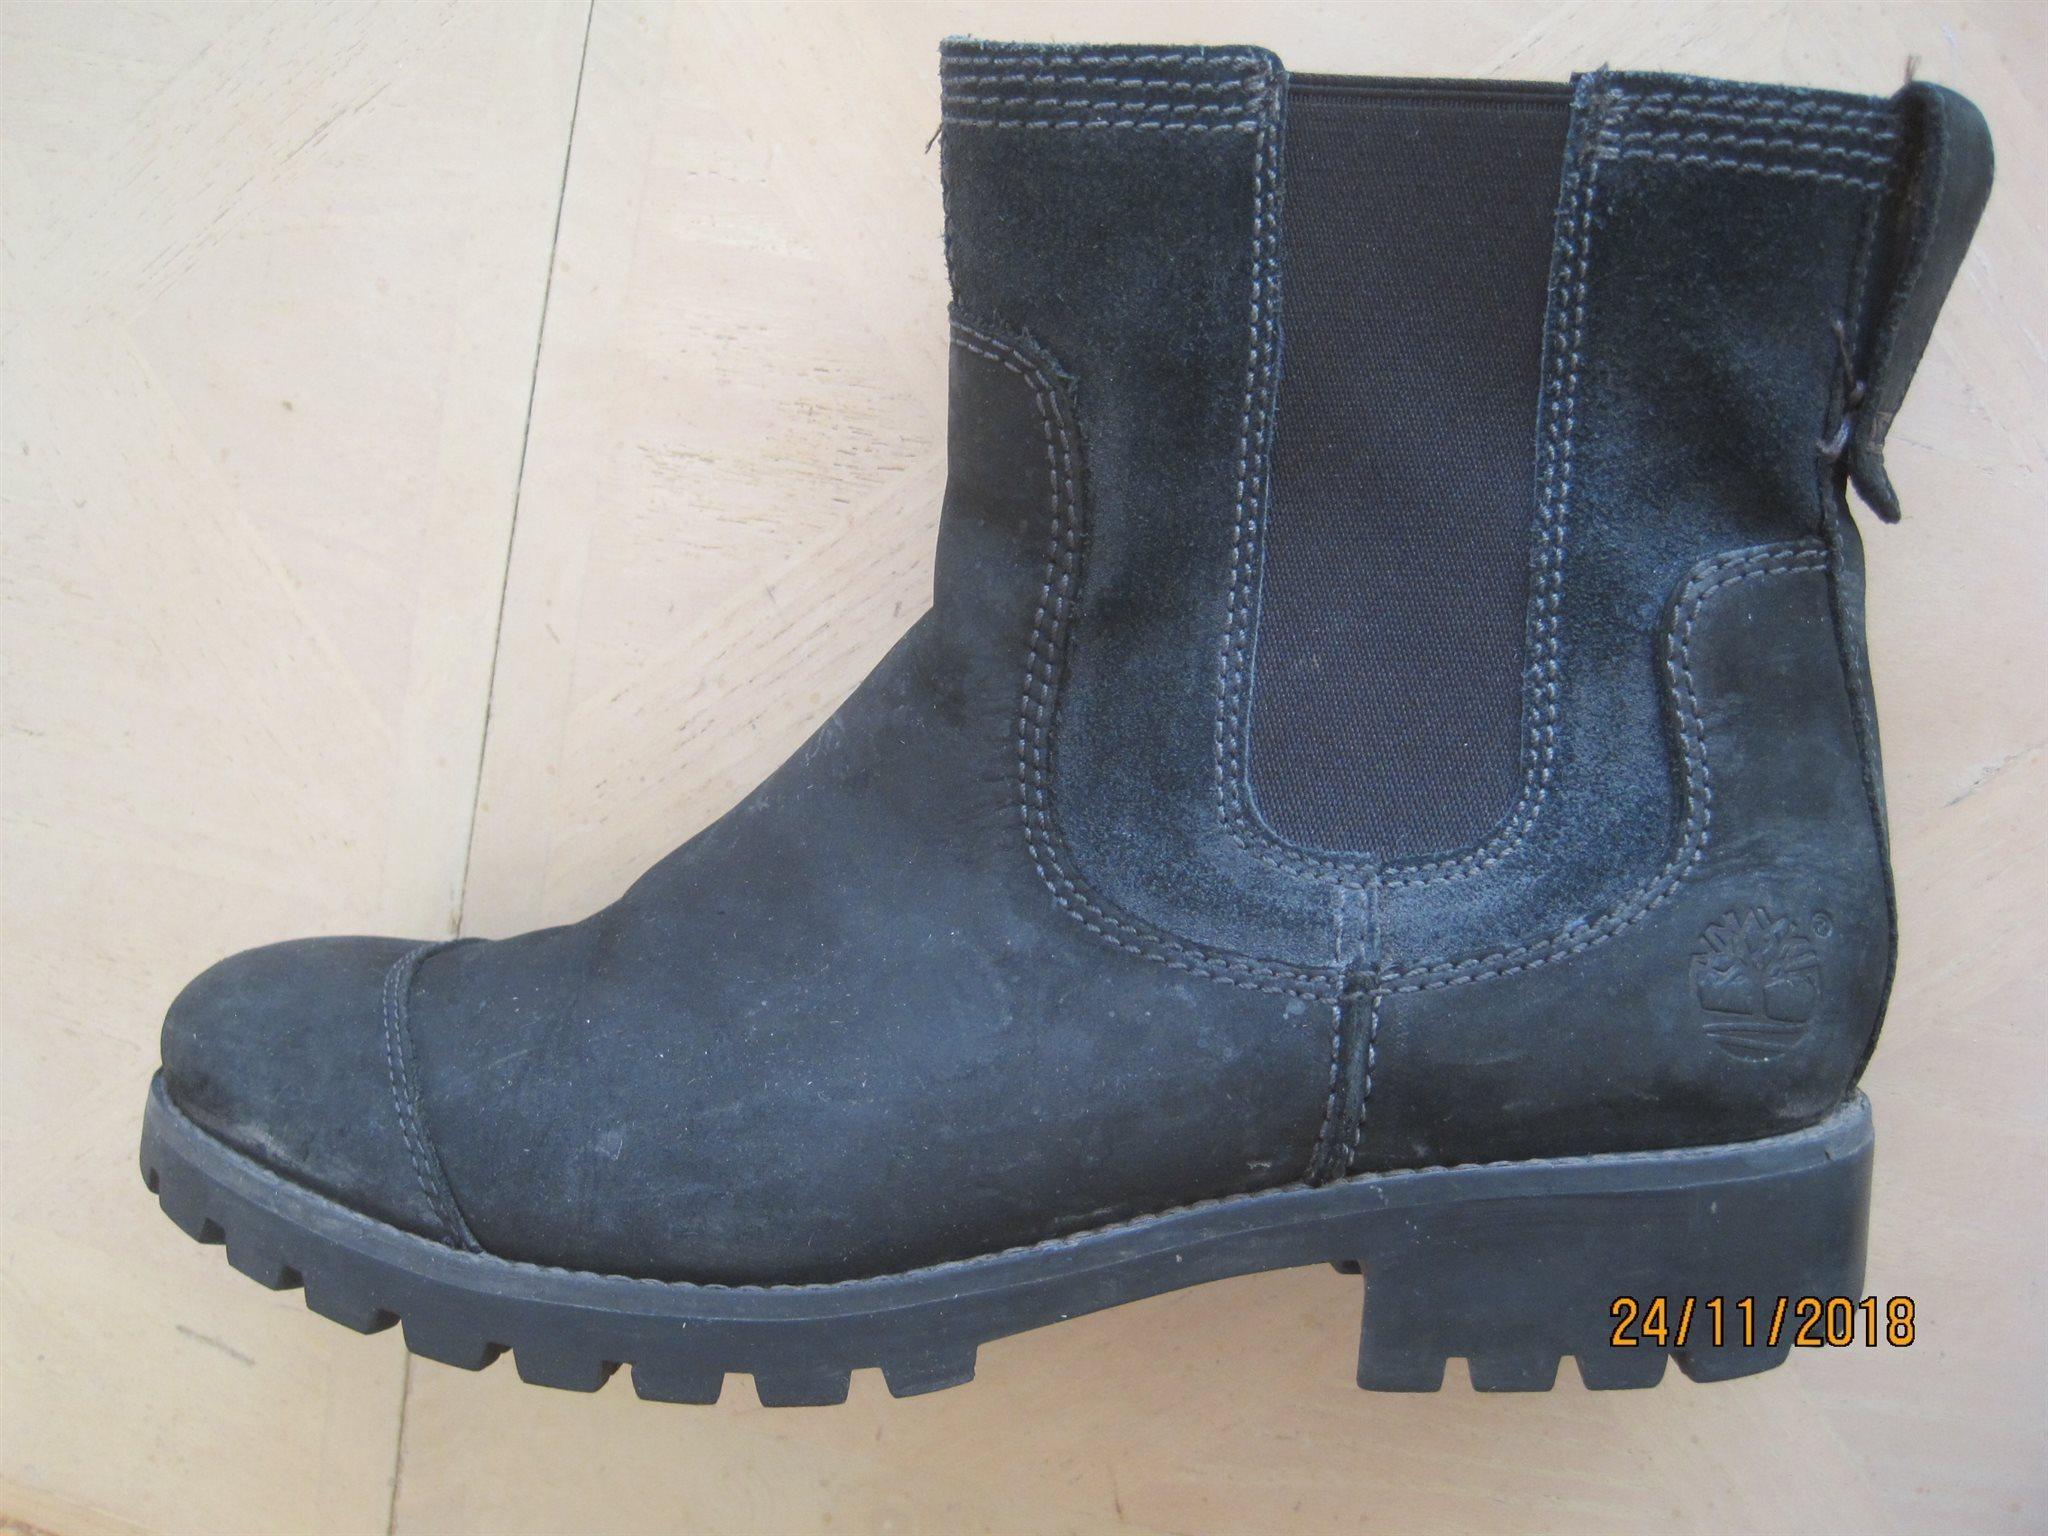 6acf1c5baf5 Kvalitets vinter kängor boots i skinn/nubuck fr.. (332491380) ᐈ Köp ...